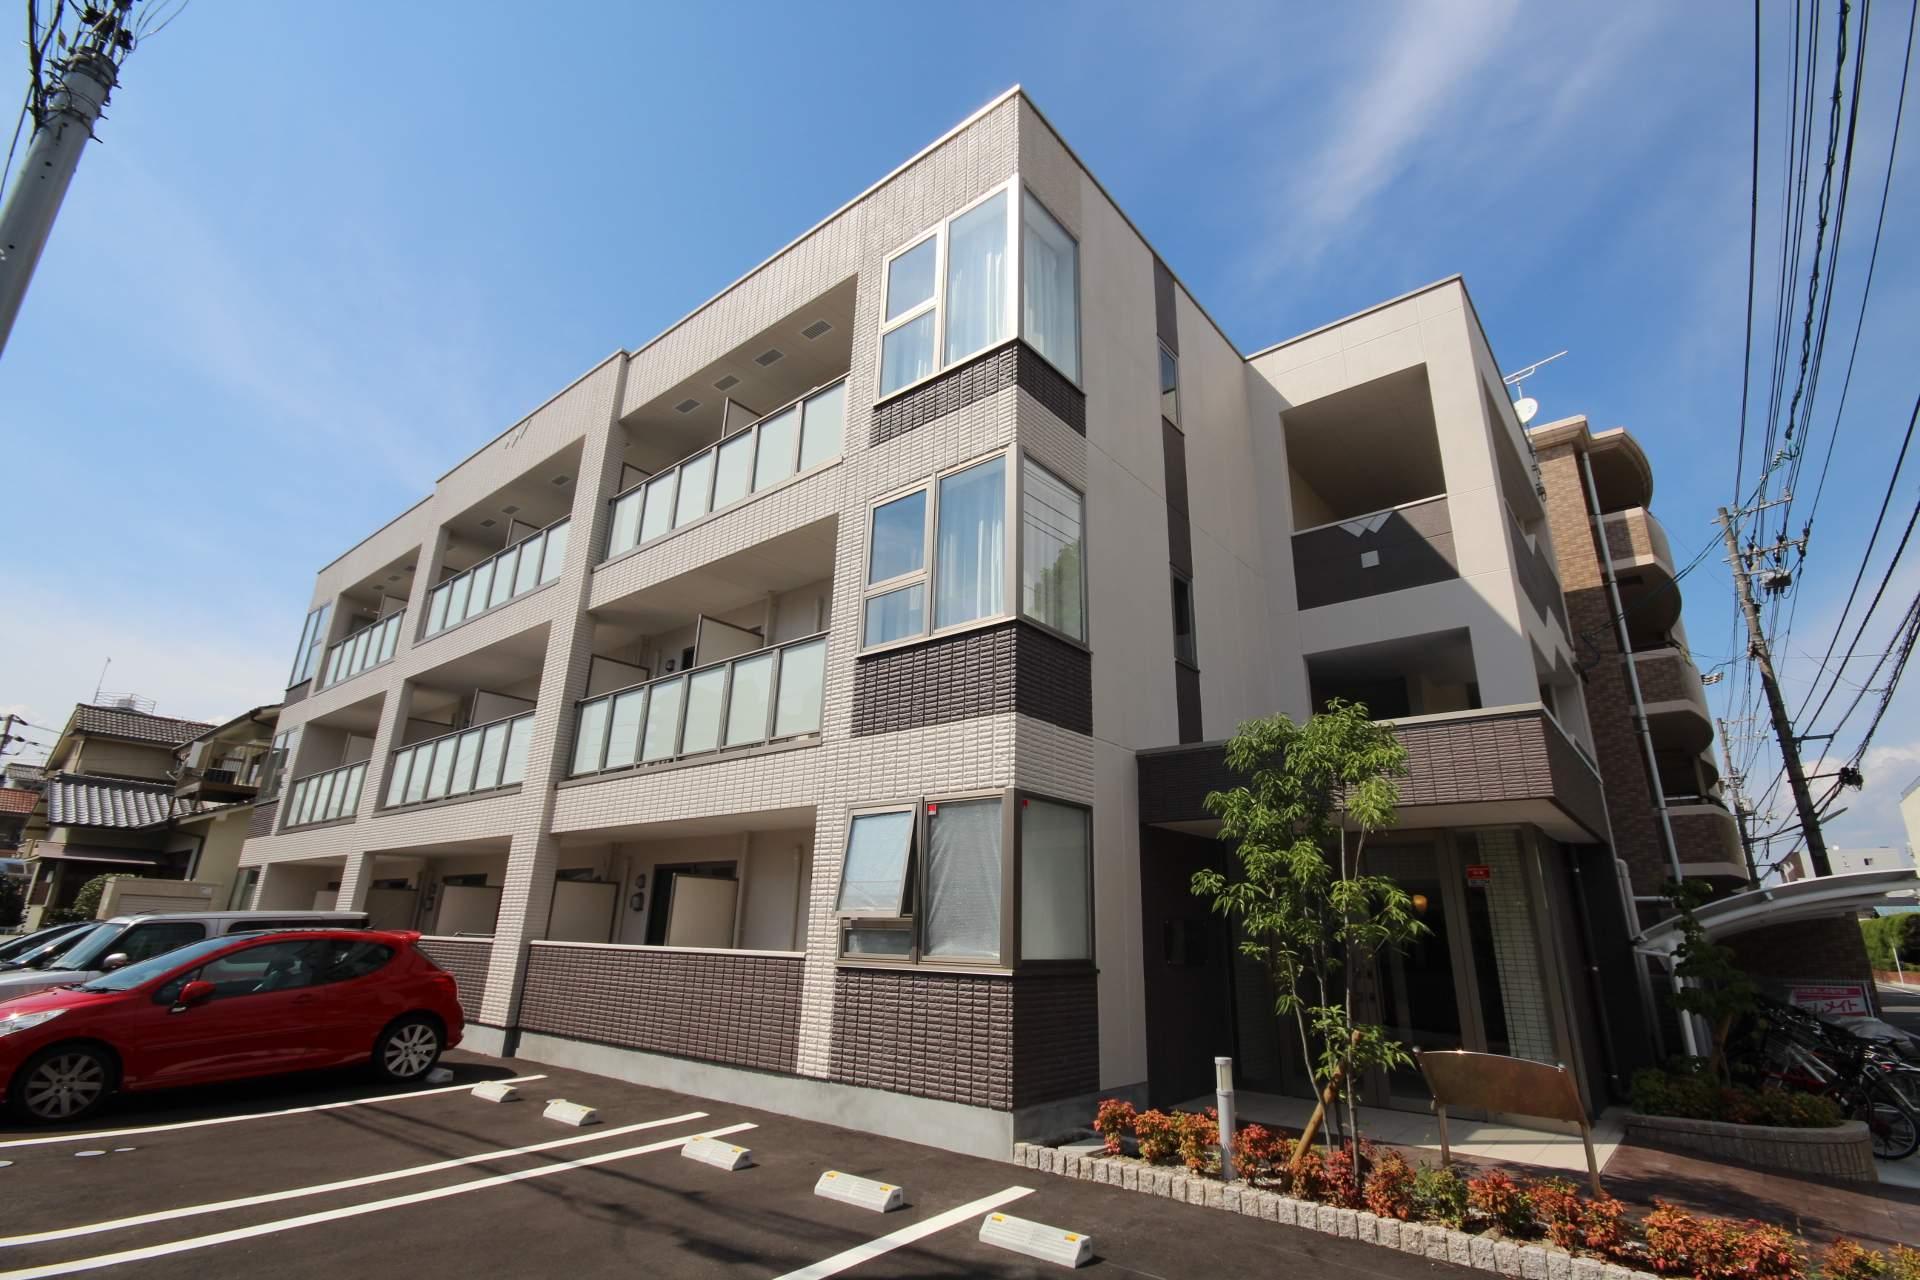 広島県広島市中区、舟入幸町駅徒歩9分の築1年 3階建の賃貸マンション